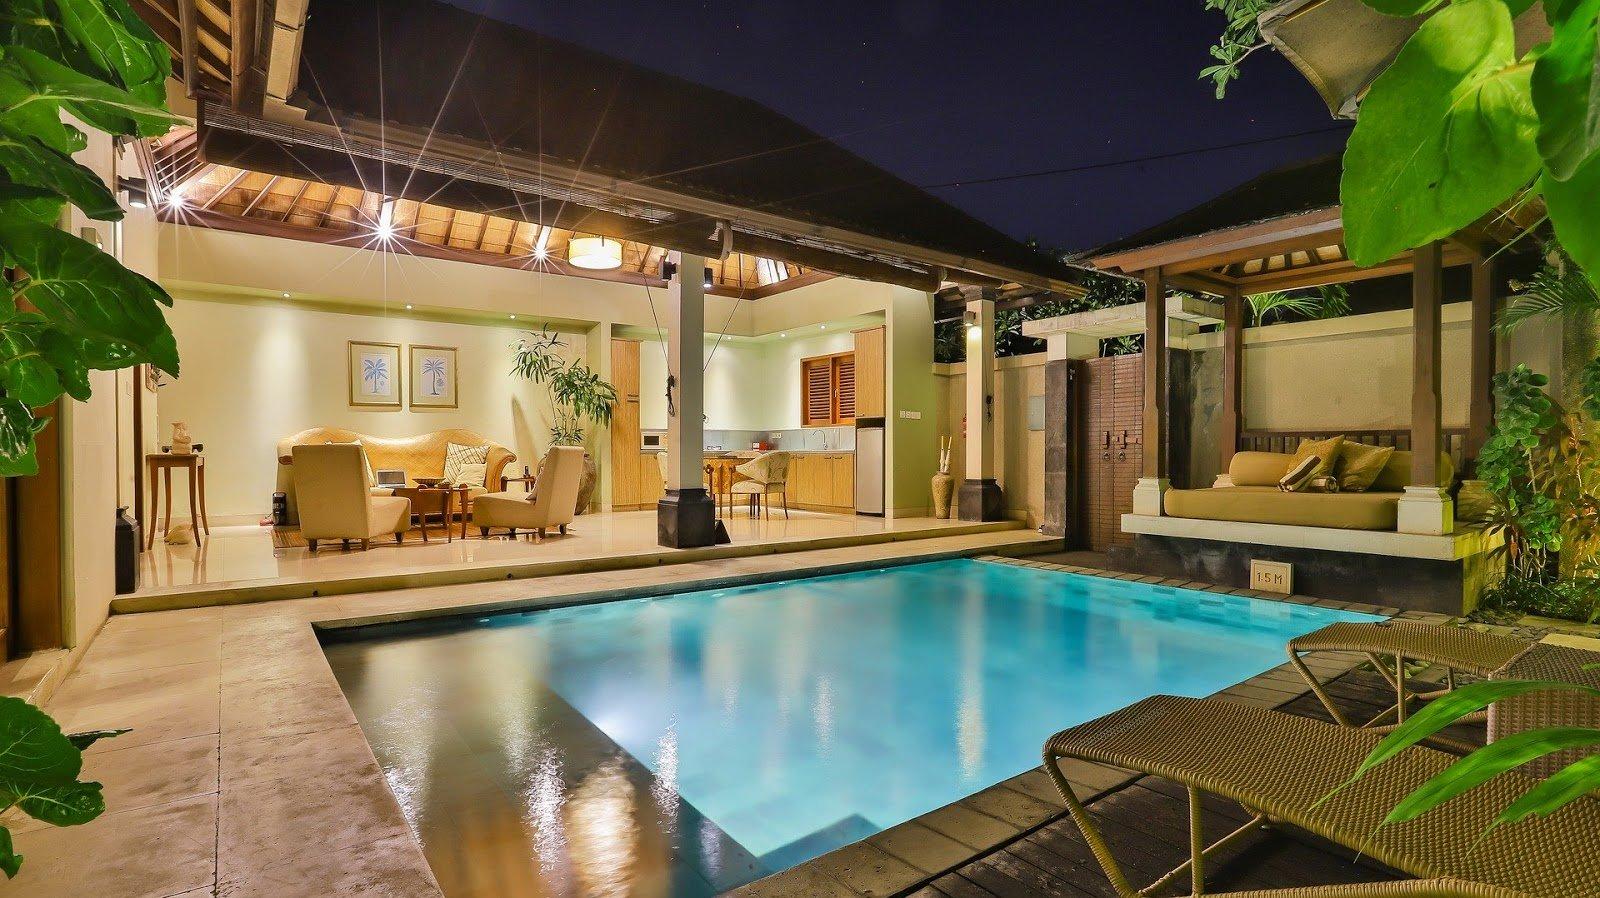 Prévenir l'humidité dans une maison en construction à La Réunion